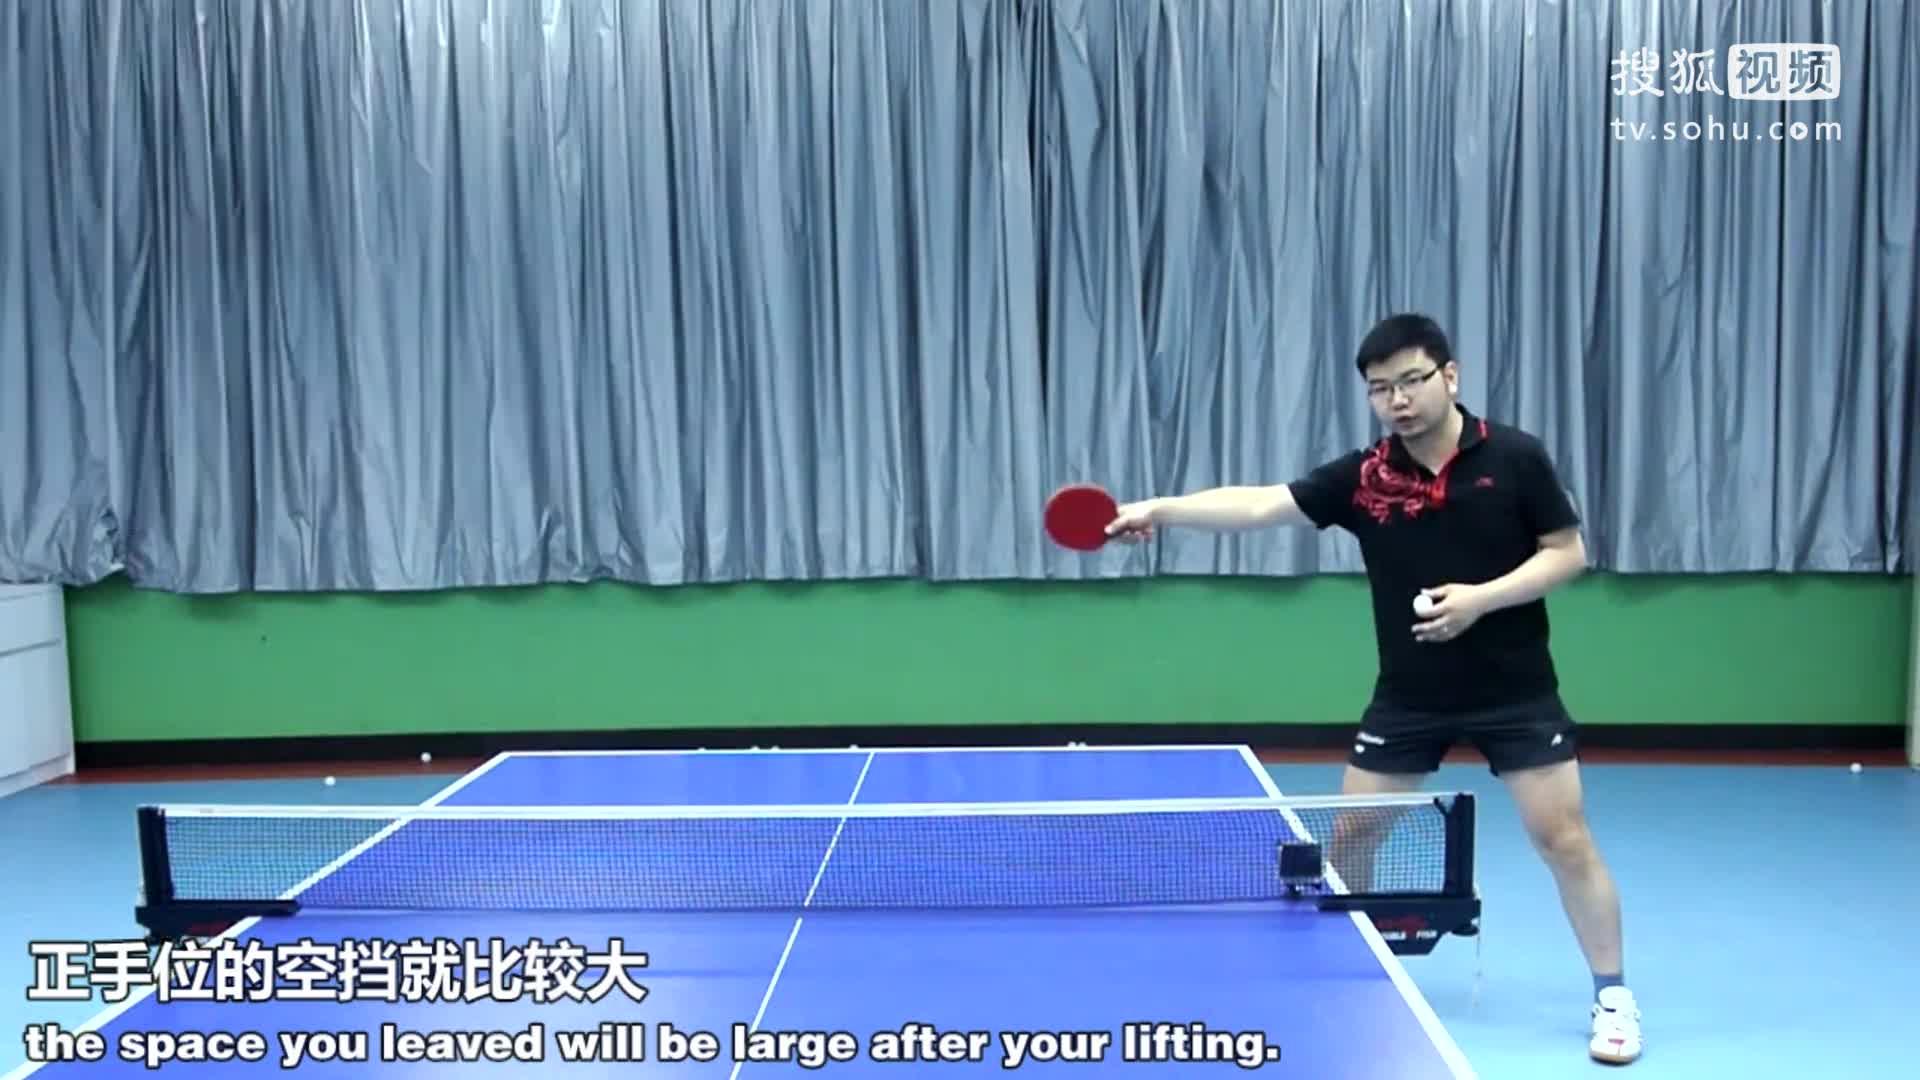 《全民学乒乓横拍篇》第13.1集:反手加转弧圈球的技术特点